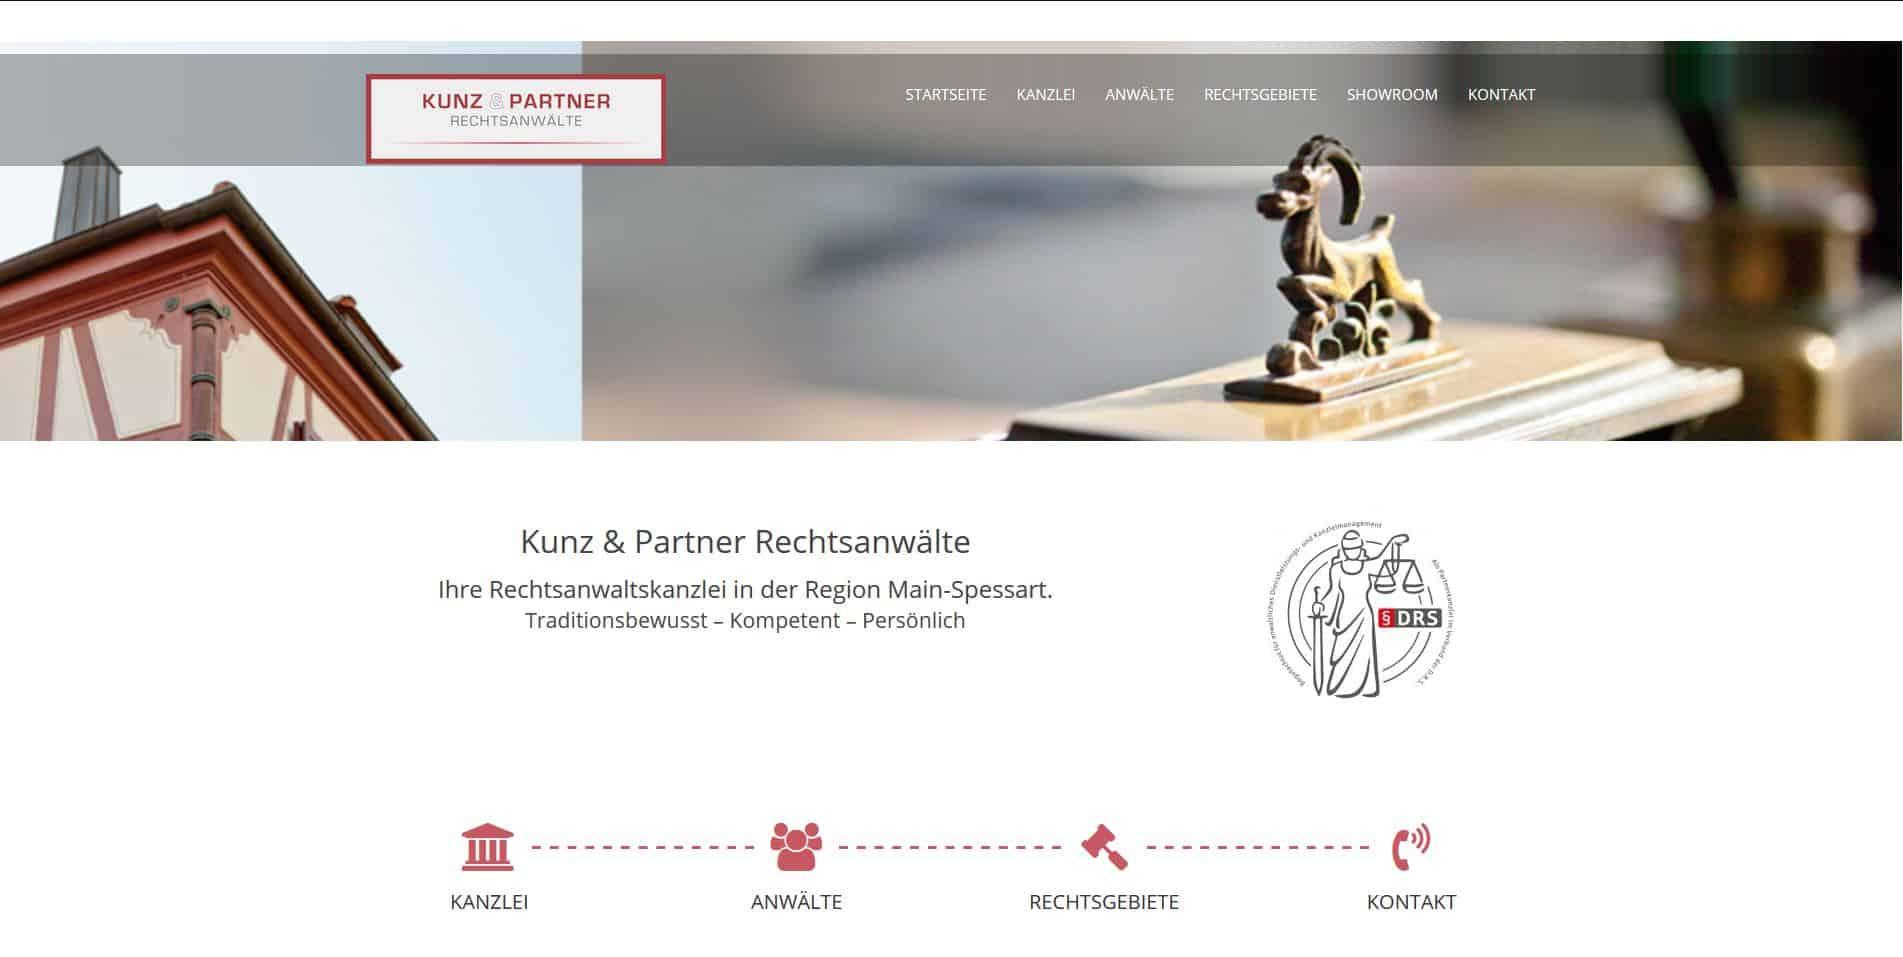 website-kunz-partner